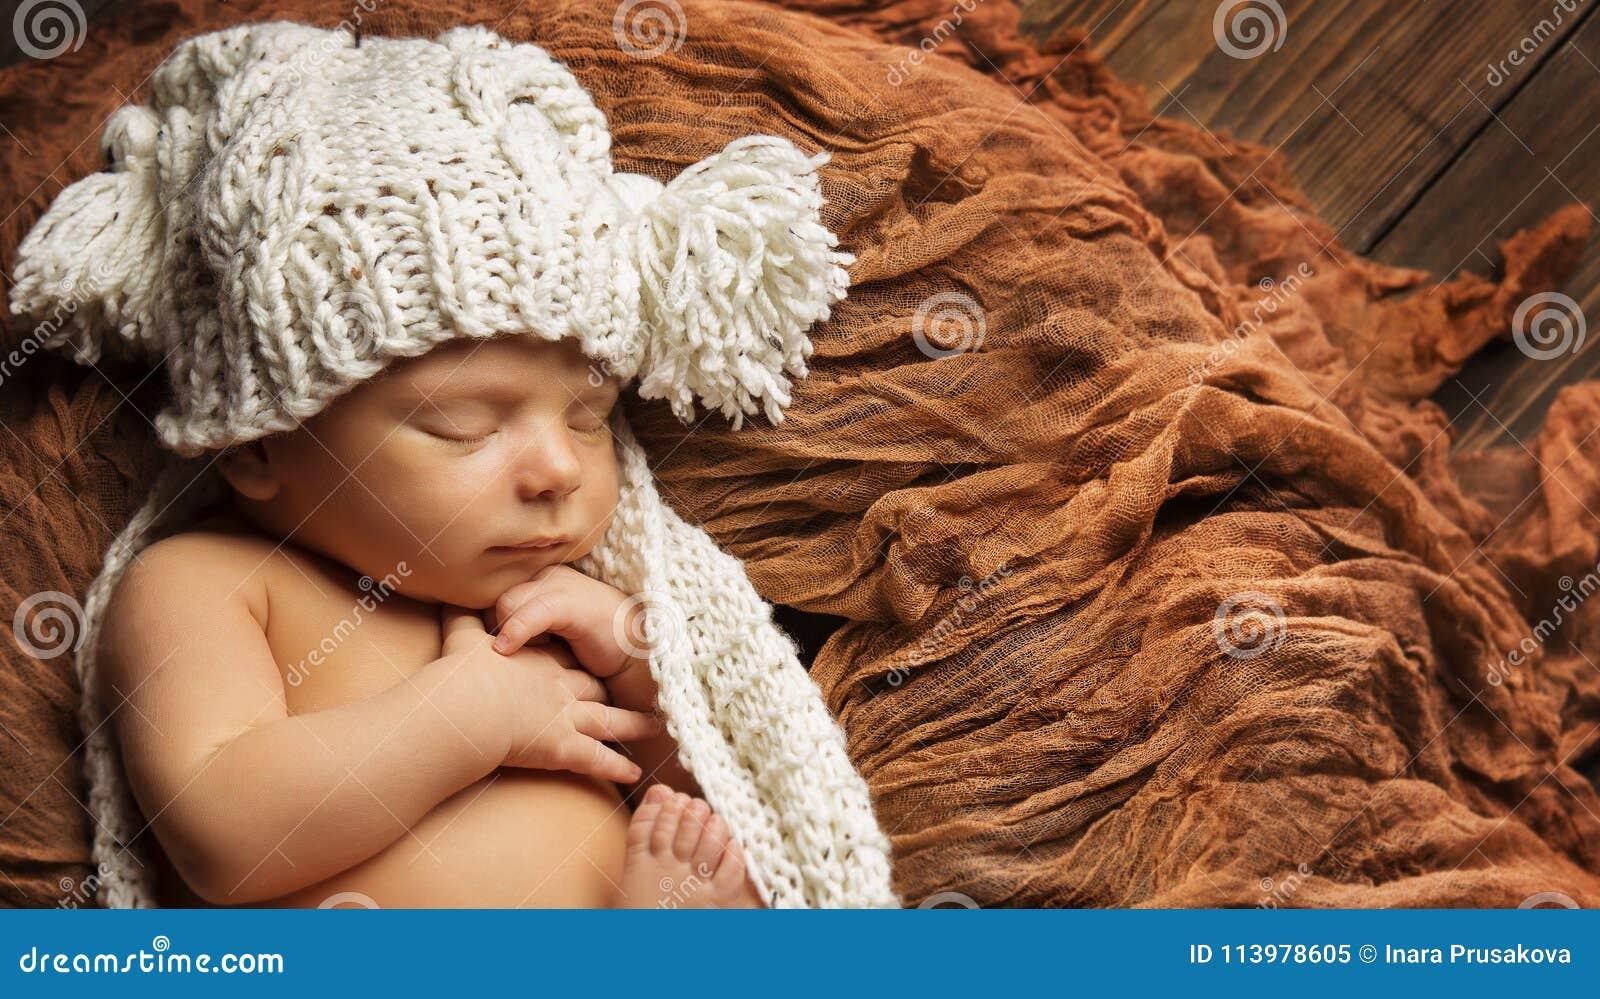 在被编织的帽子,睡觉的婴儿的婴孩新出生的睡眠